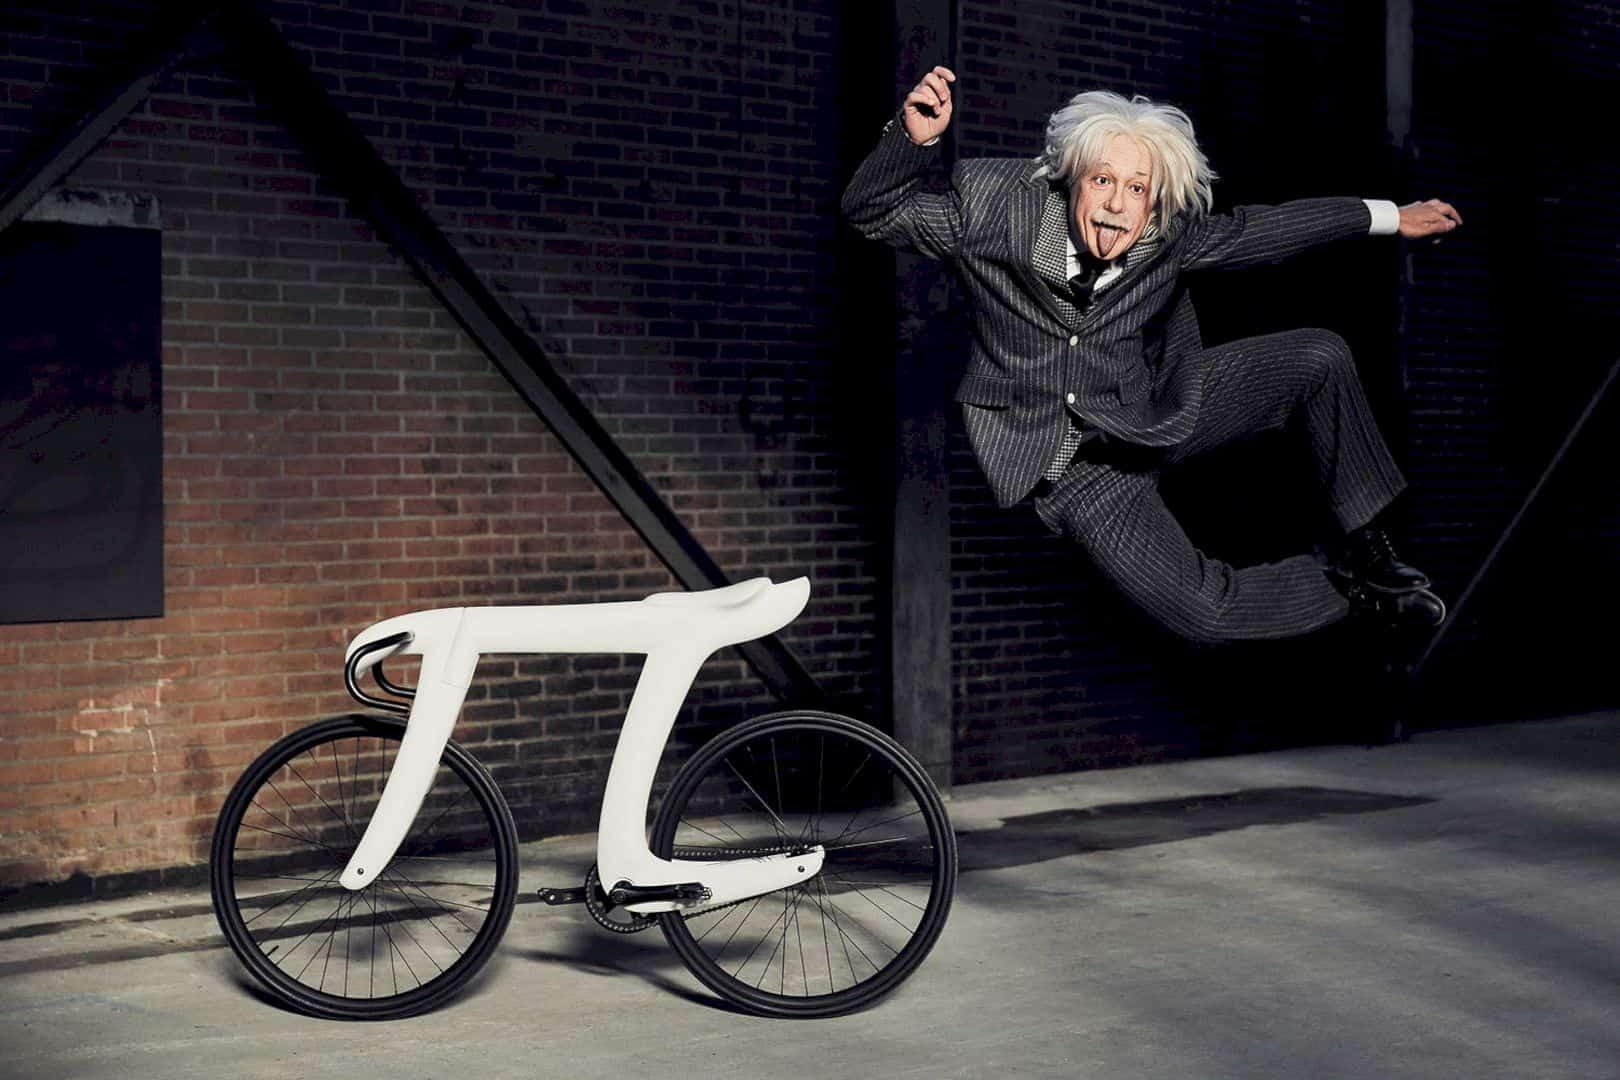 The Pi Bike 3